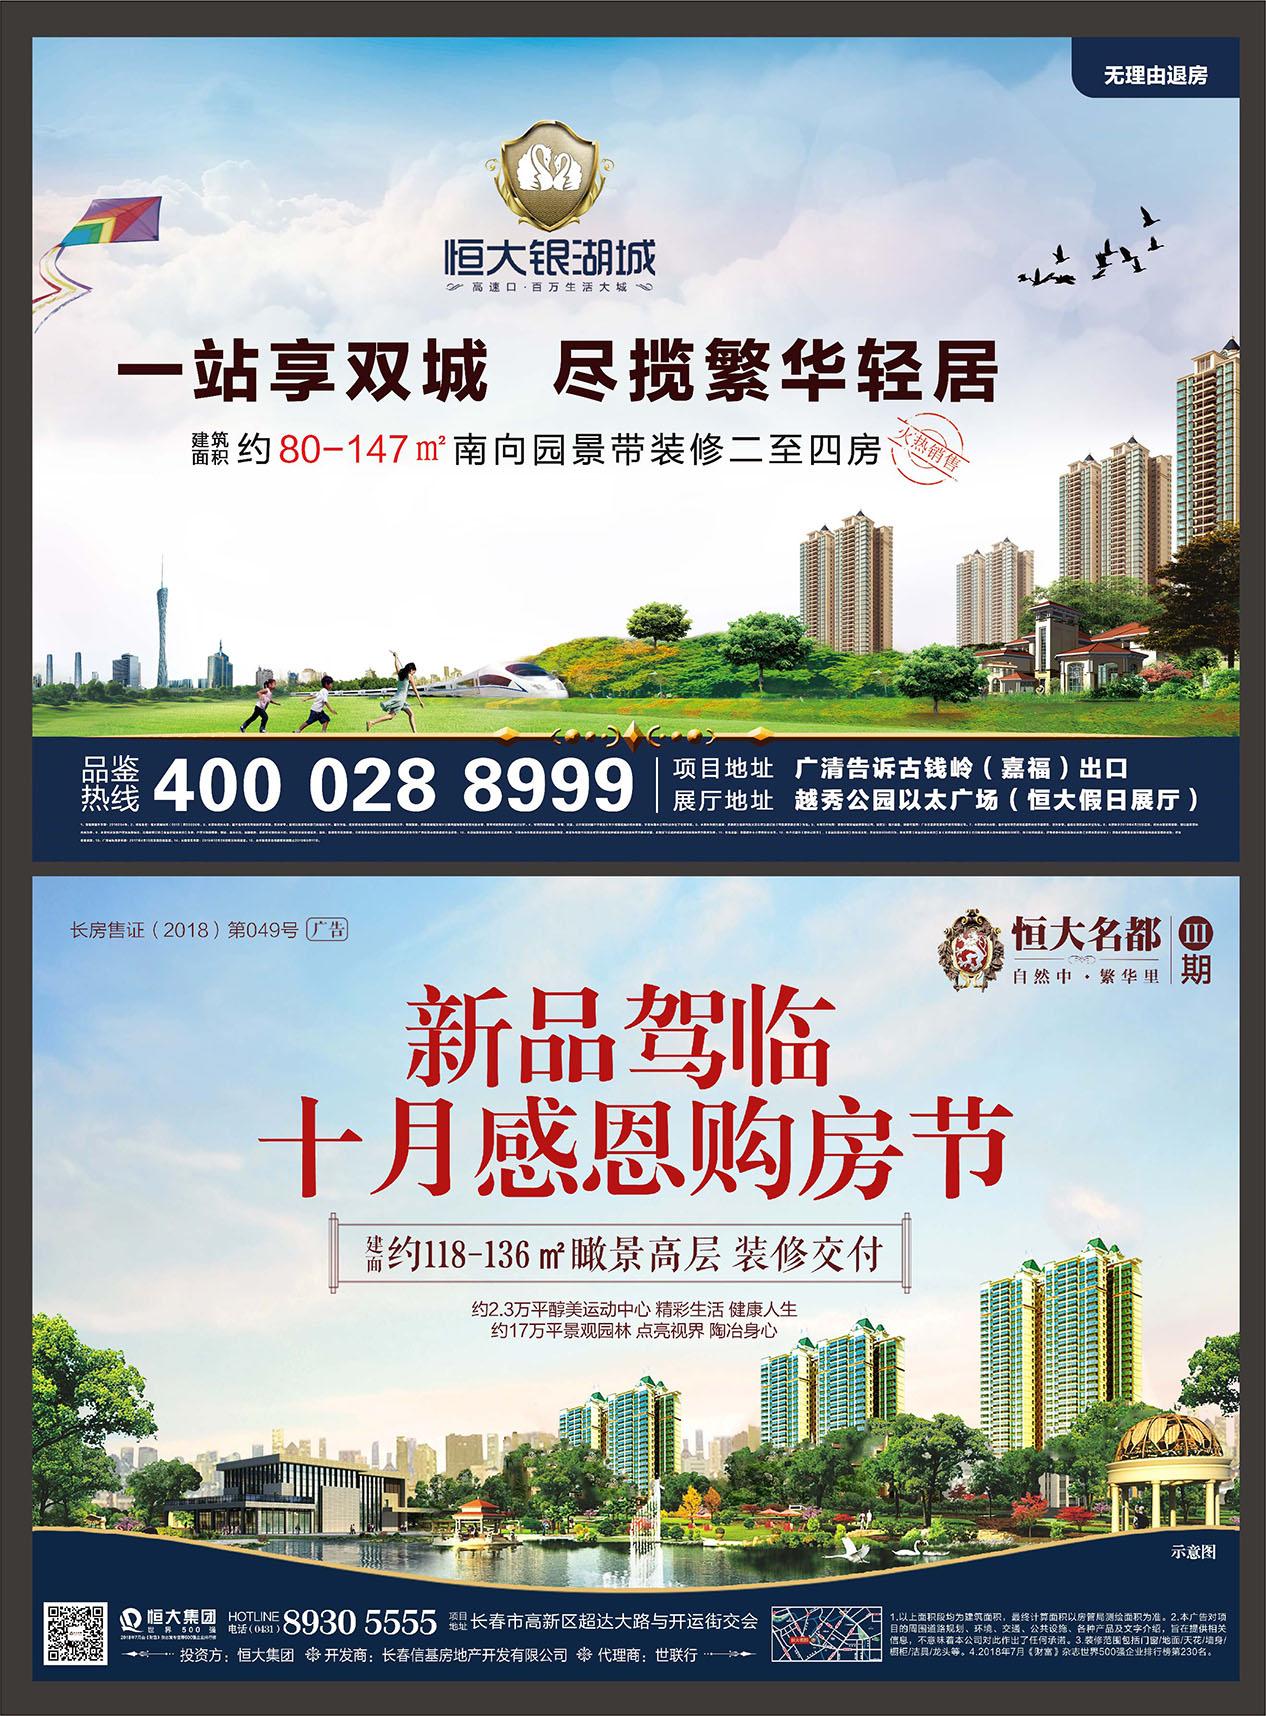 房地产住宅广告宣传展架桁架PSD源文件插图